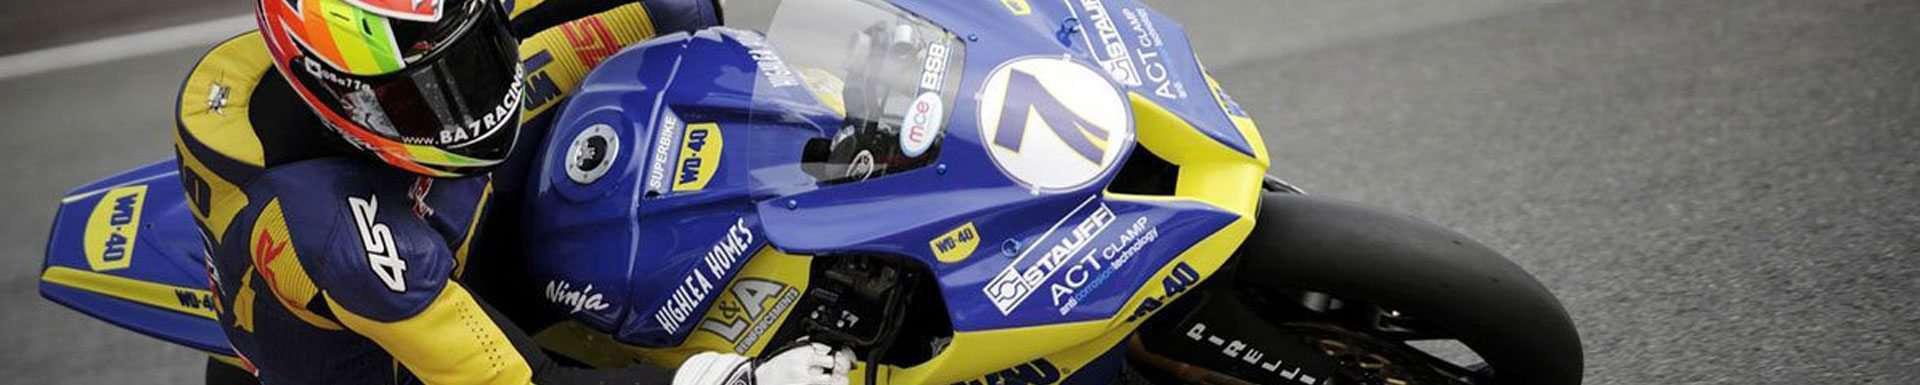 WD40-Motorbike-Banner